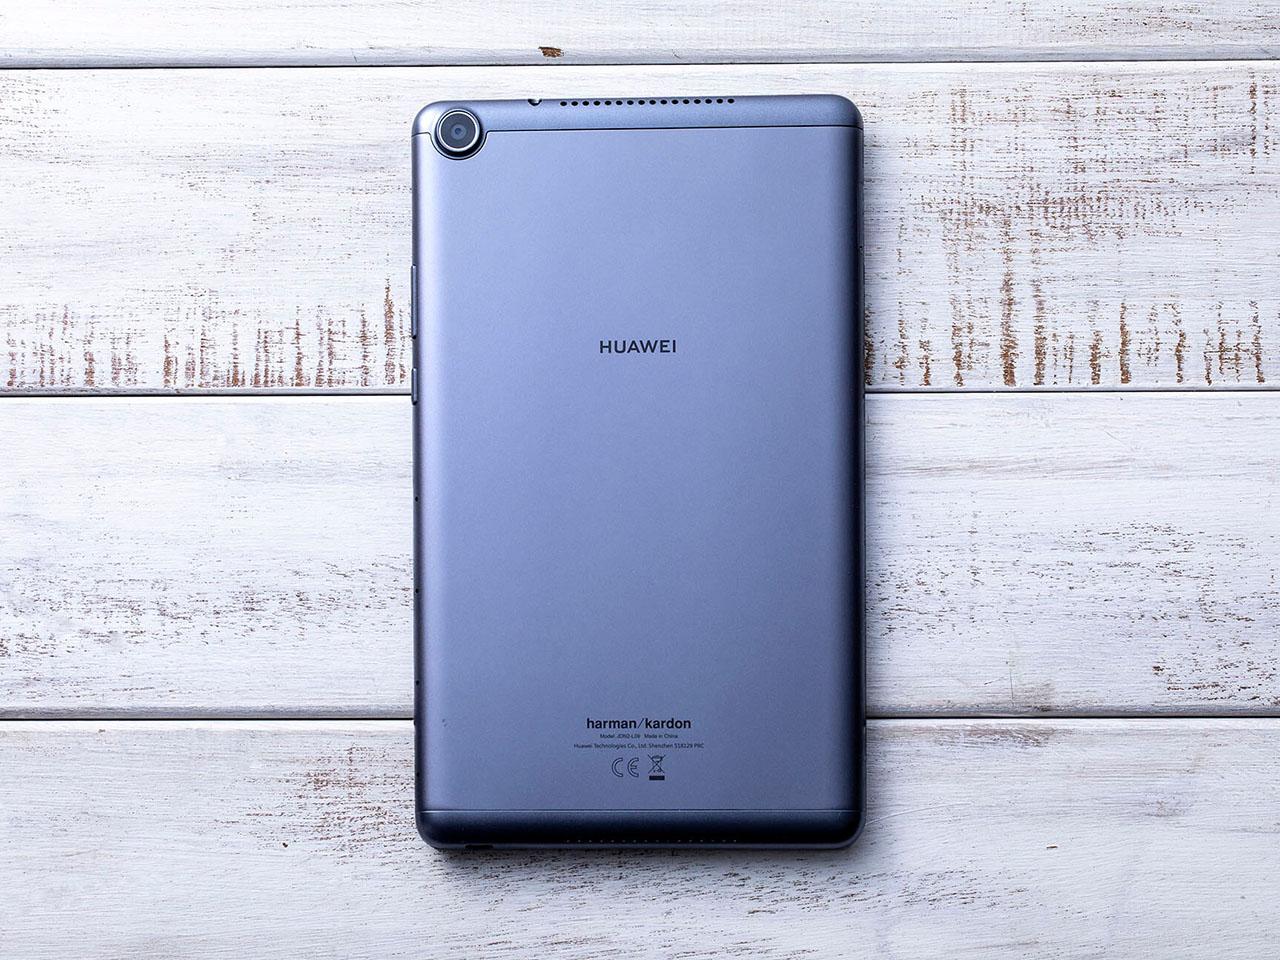 『本体 背面 参考1』 MediaPad M5 lite 8 LTEモデル 64GB JDN2-L09 SIMフリー の製品画像